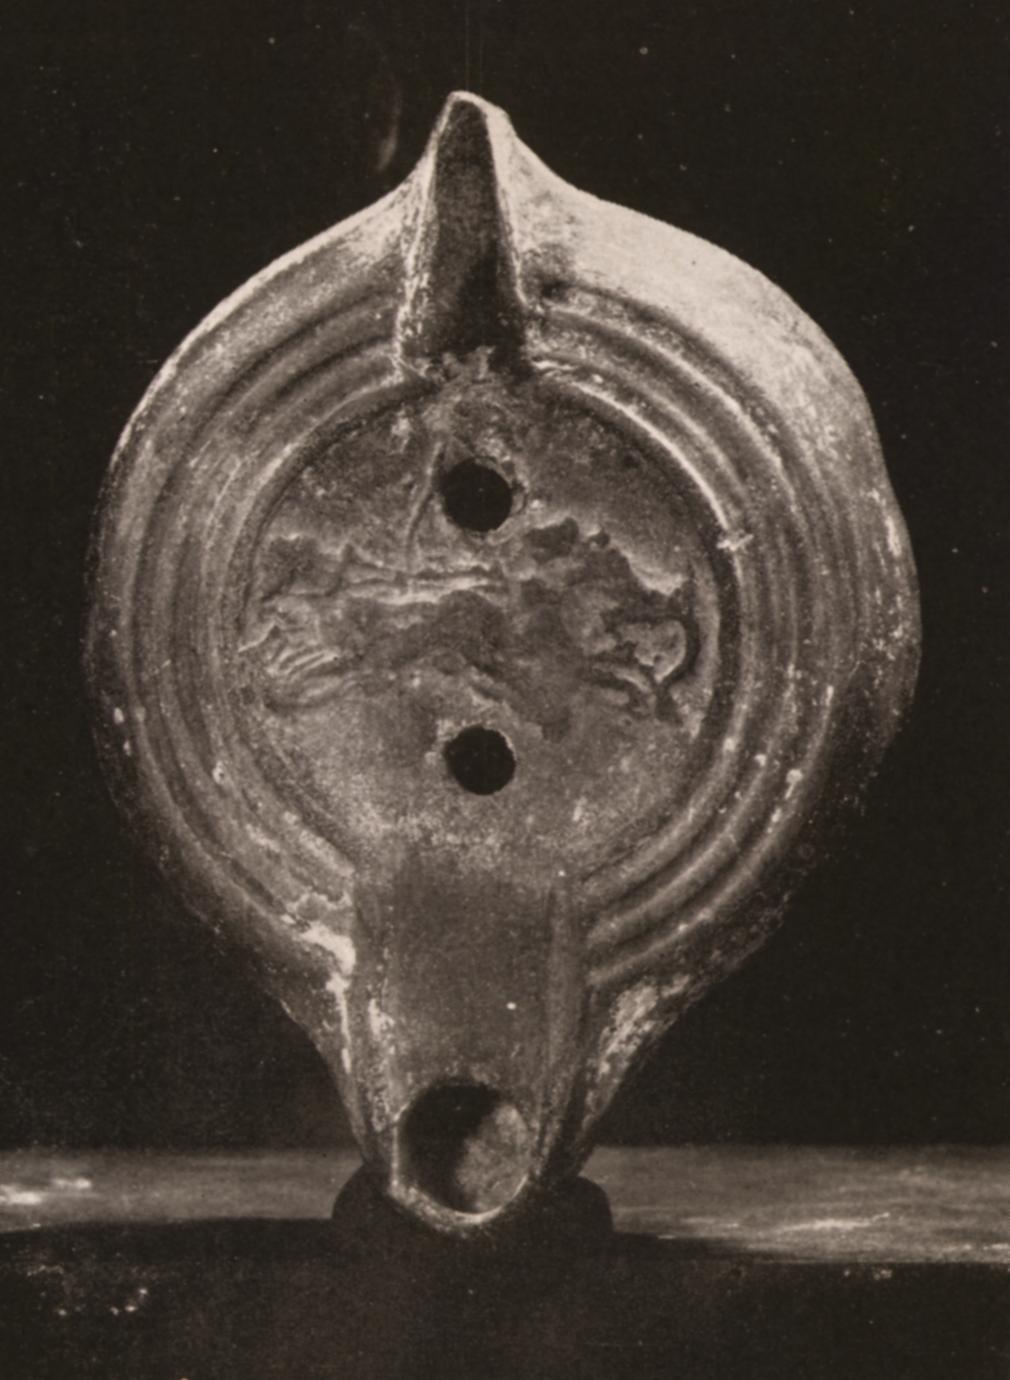 Ancient Primate Urn